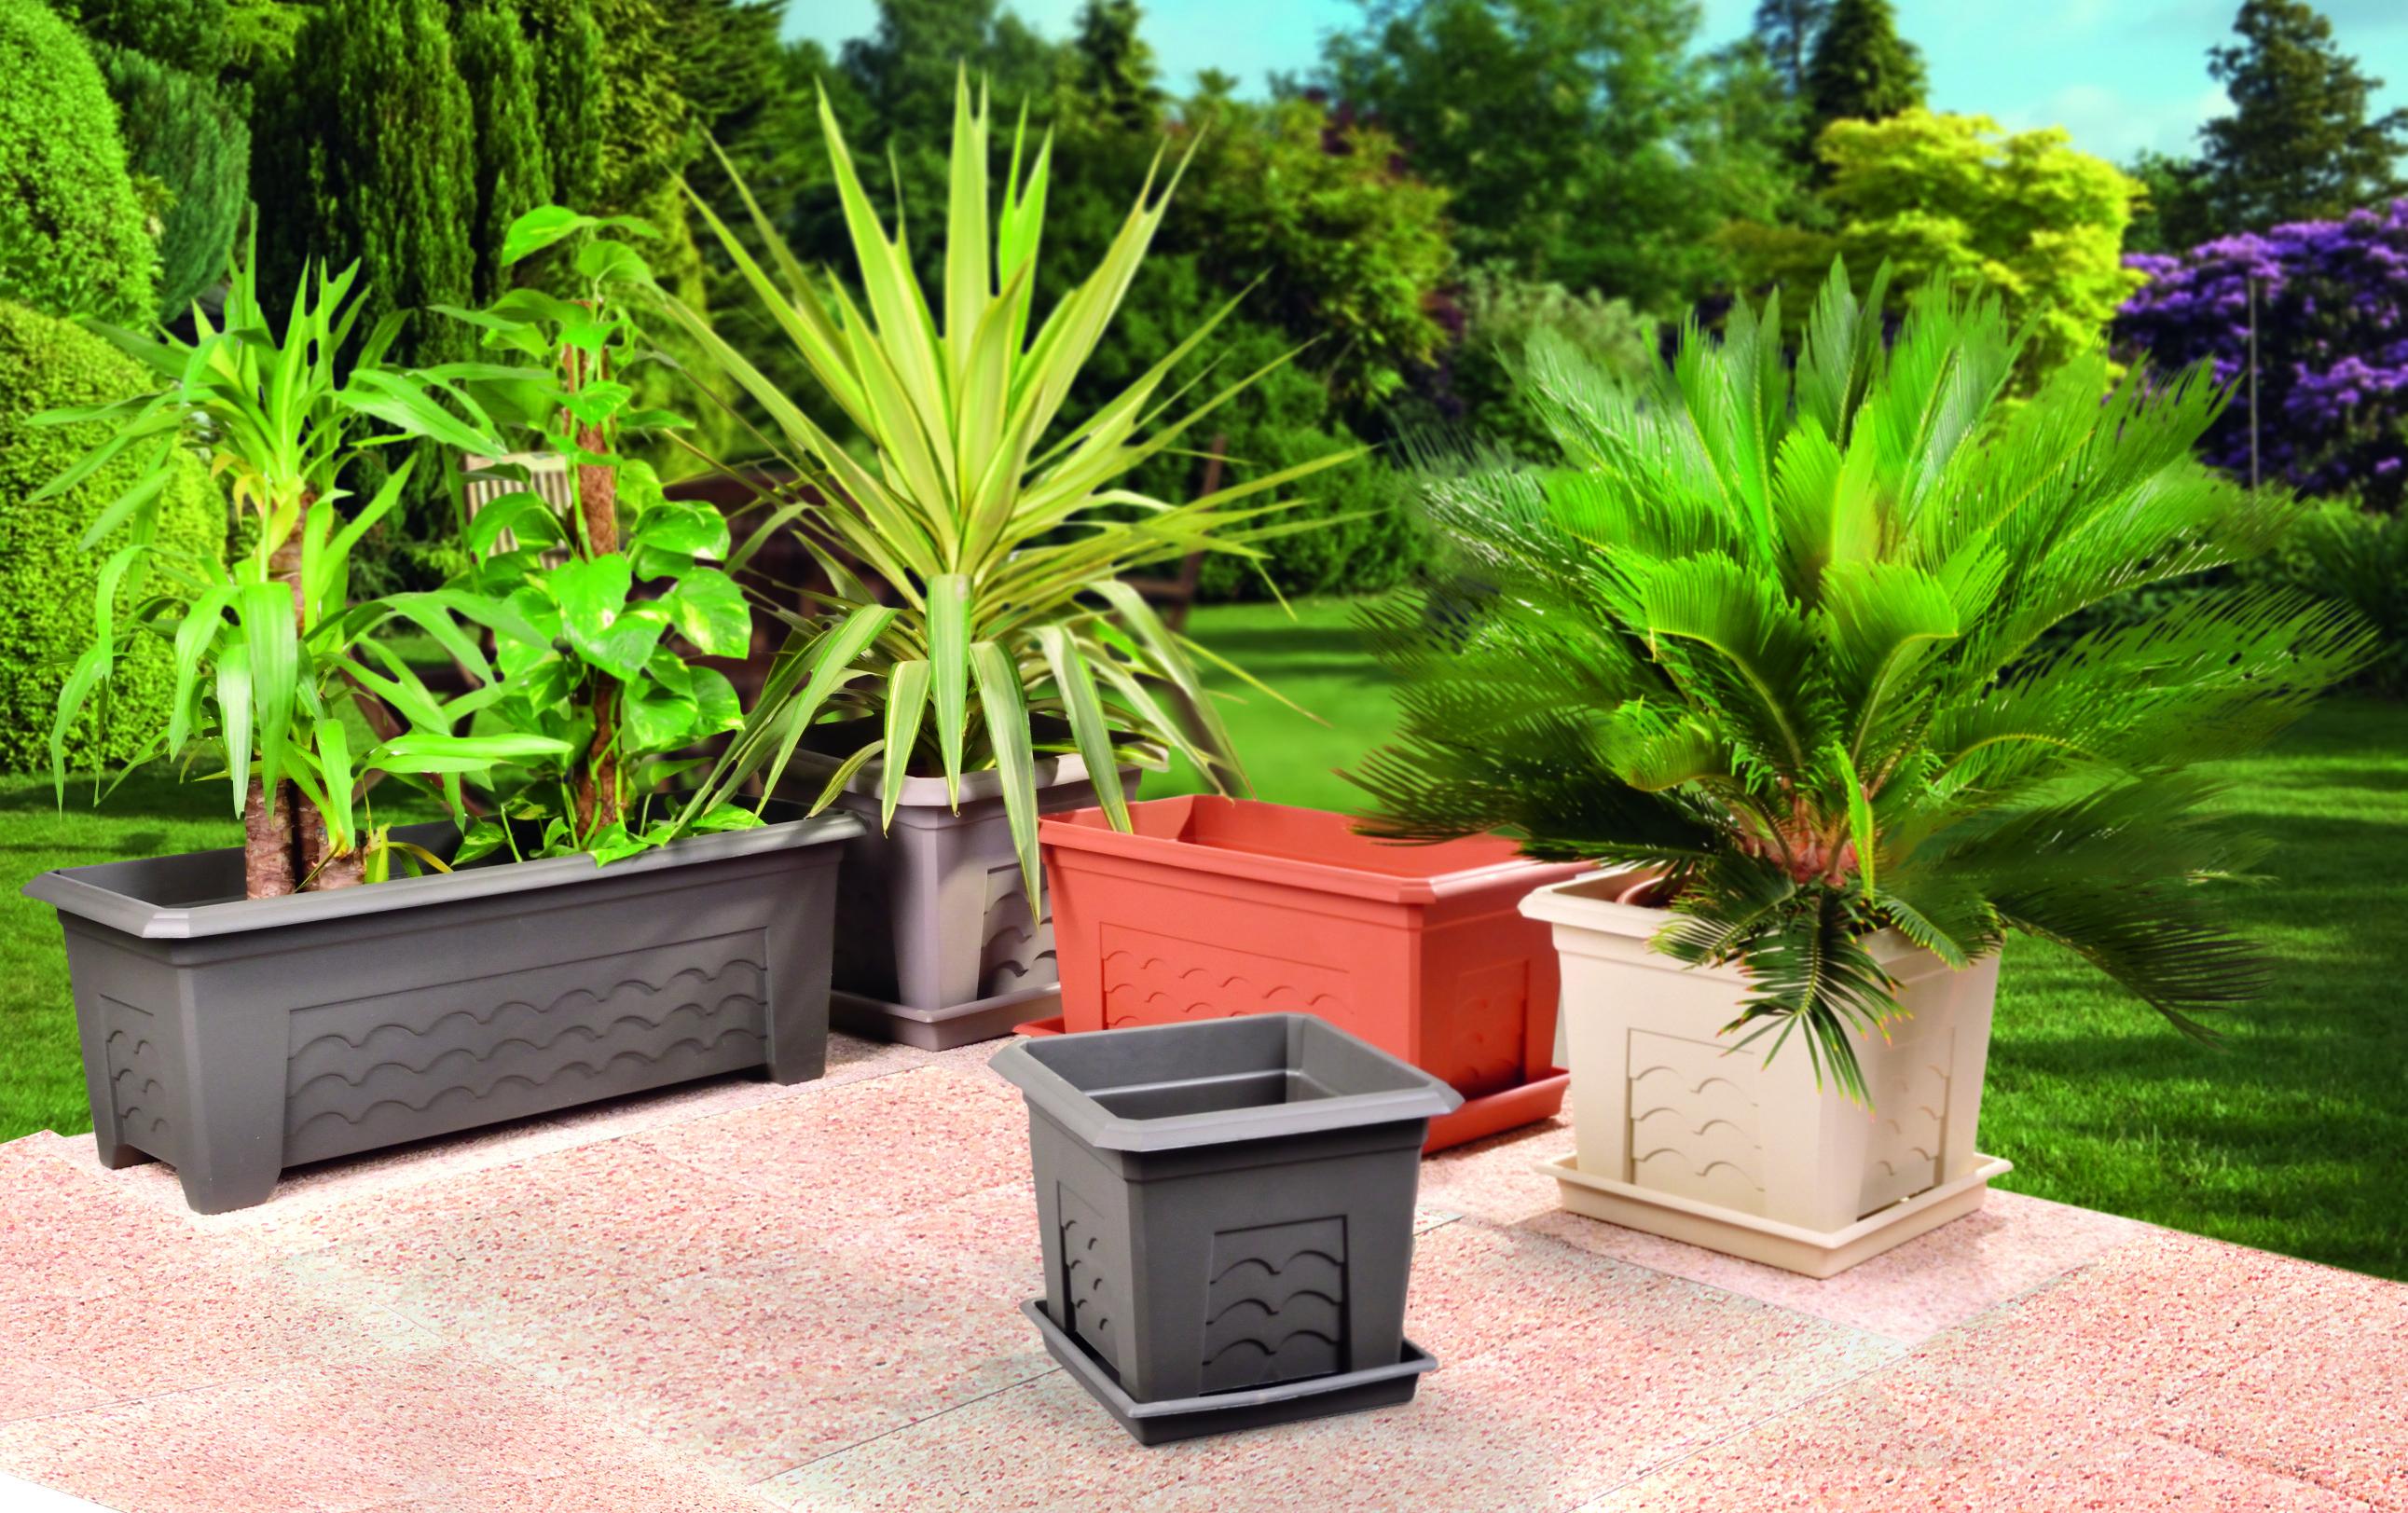 pots et jardini res centrakor mon ext rieur ext rieur decoration et pots. Black Bedroom Furniture Sets. Home Design Ideas